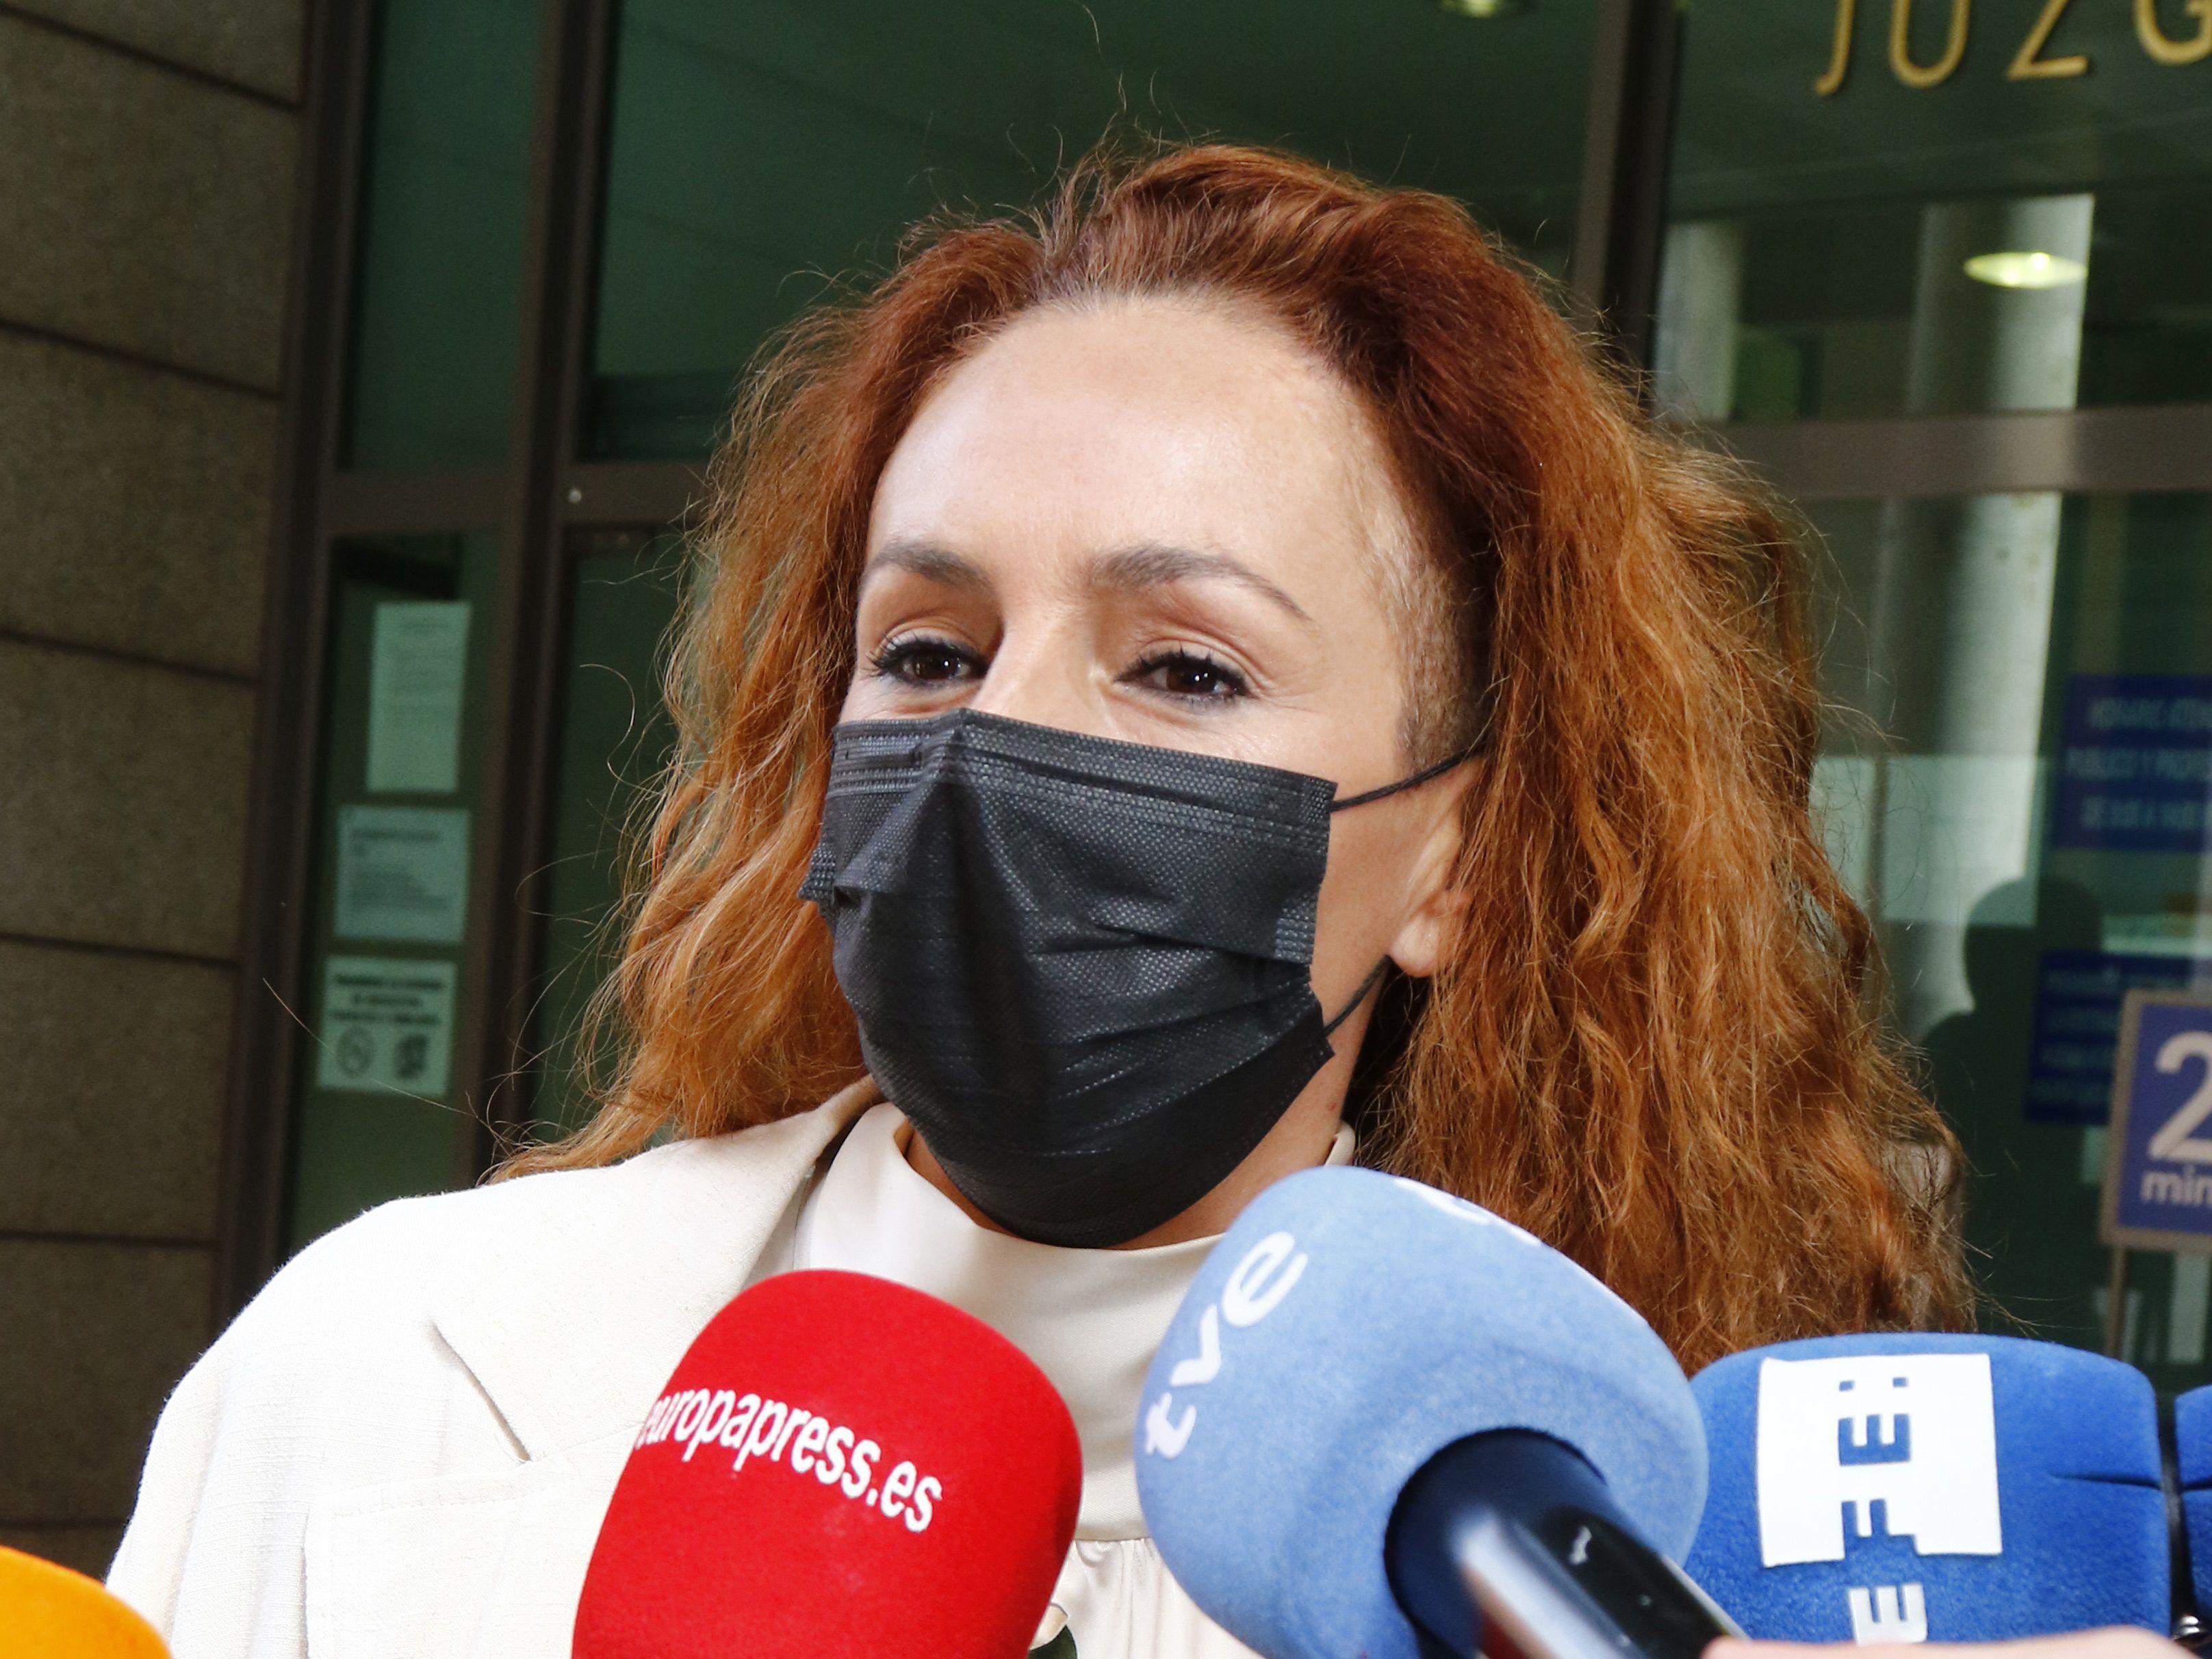 30-04-2021 Rocío Carrasco EUROPA ESPAÑA SOCIEDAD